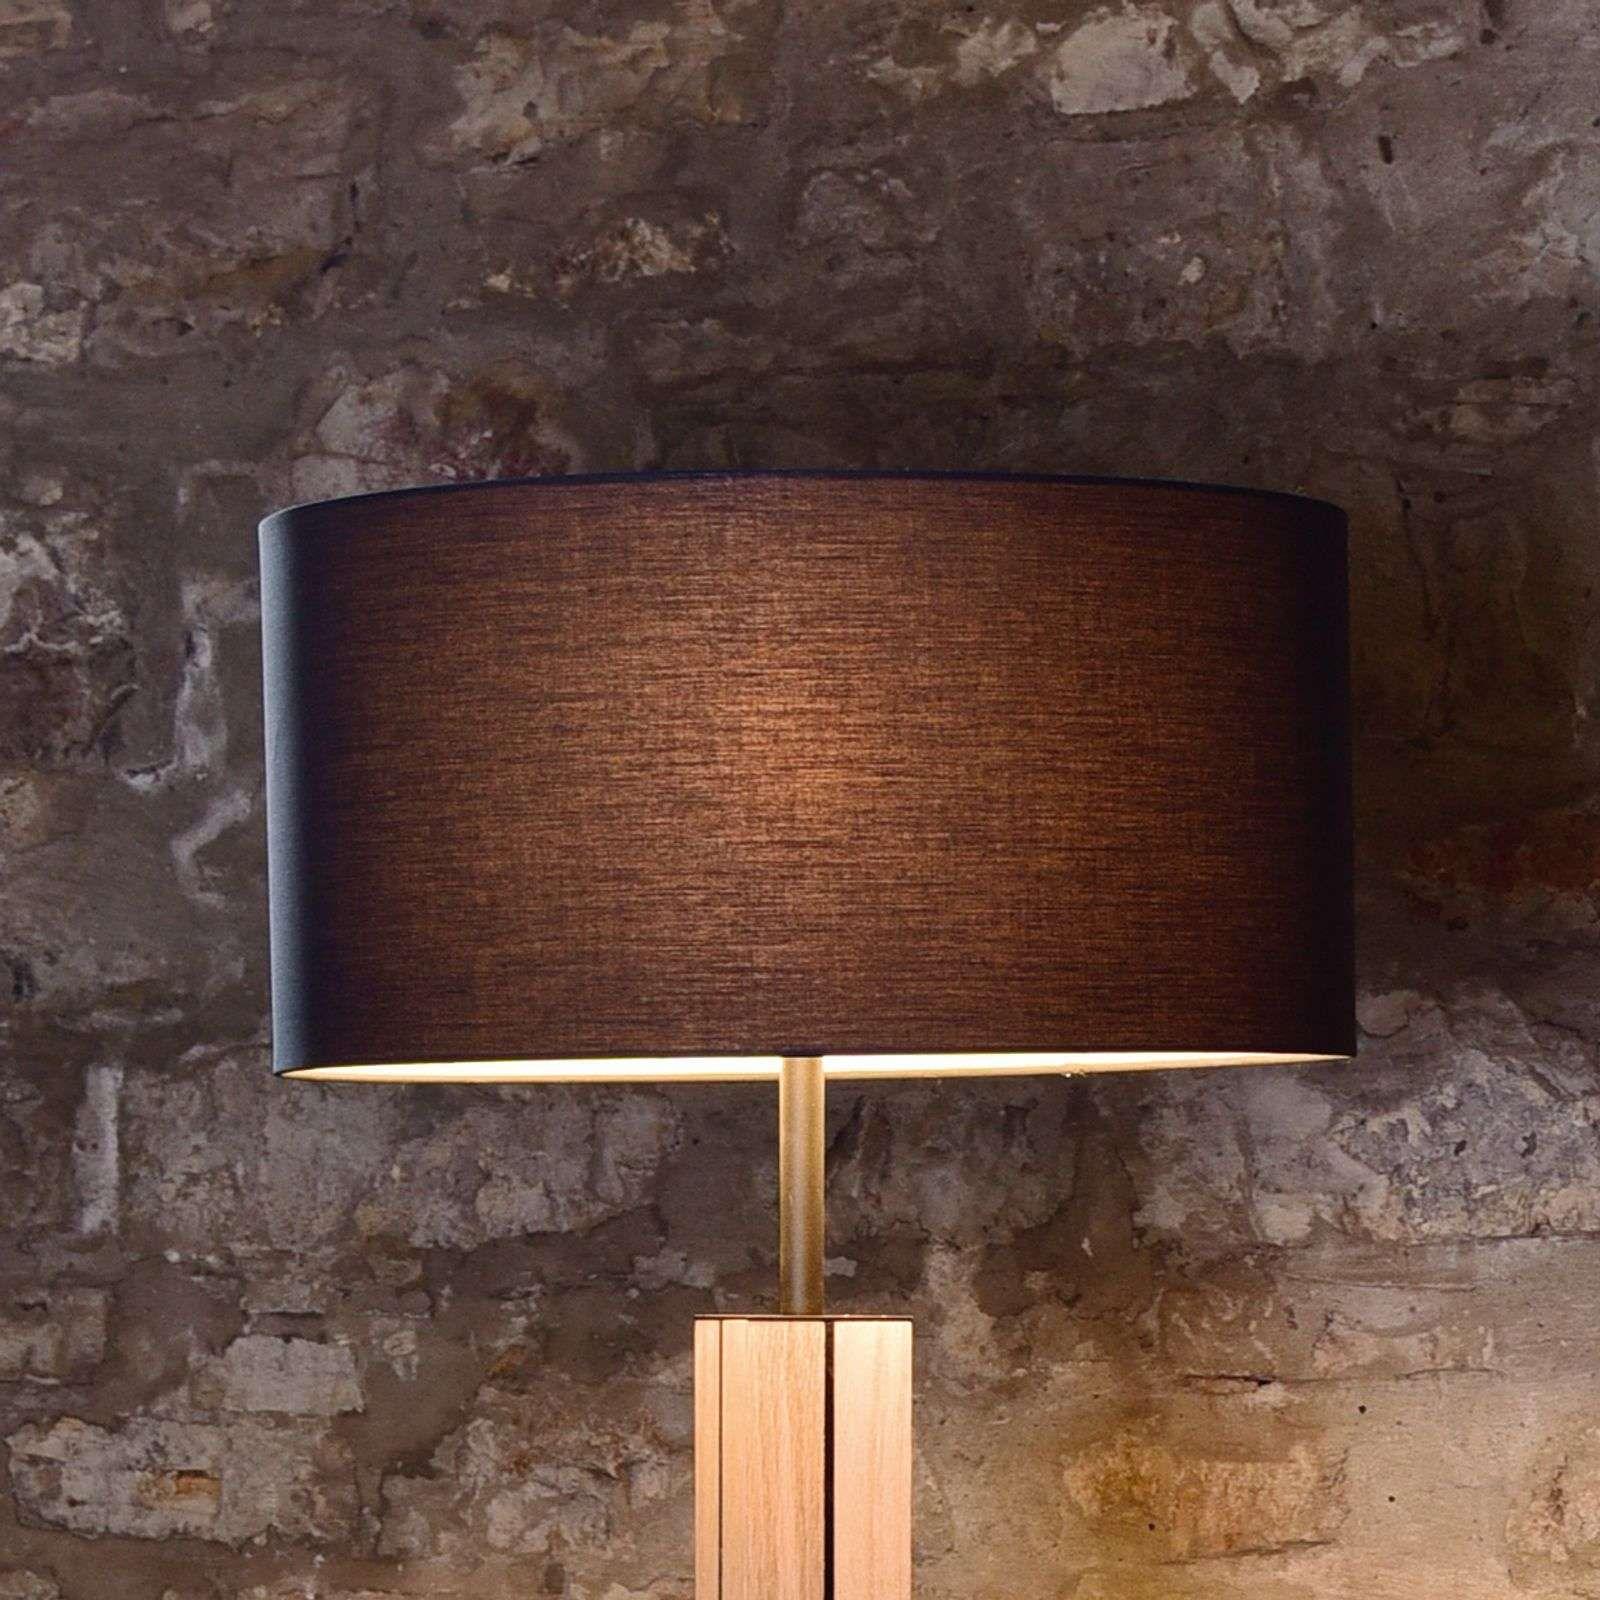 Landhaus Stehlampe Dana Von Herzblut Braun In 2020 Stehlampe